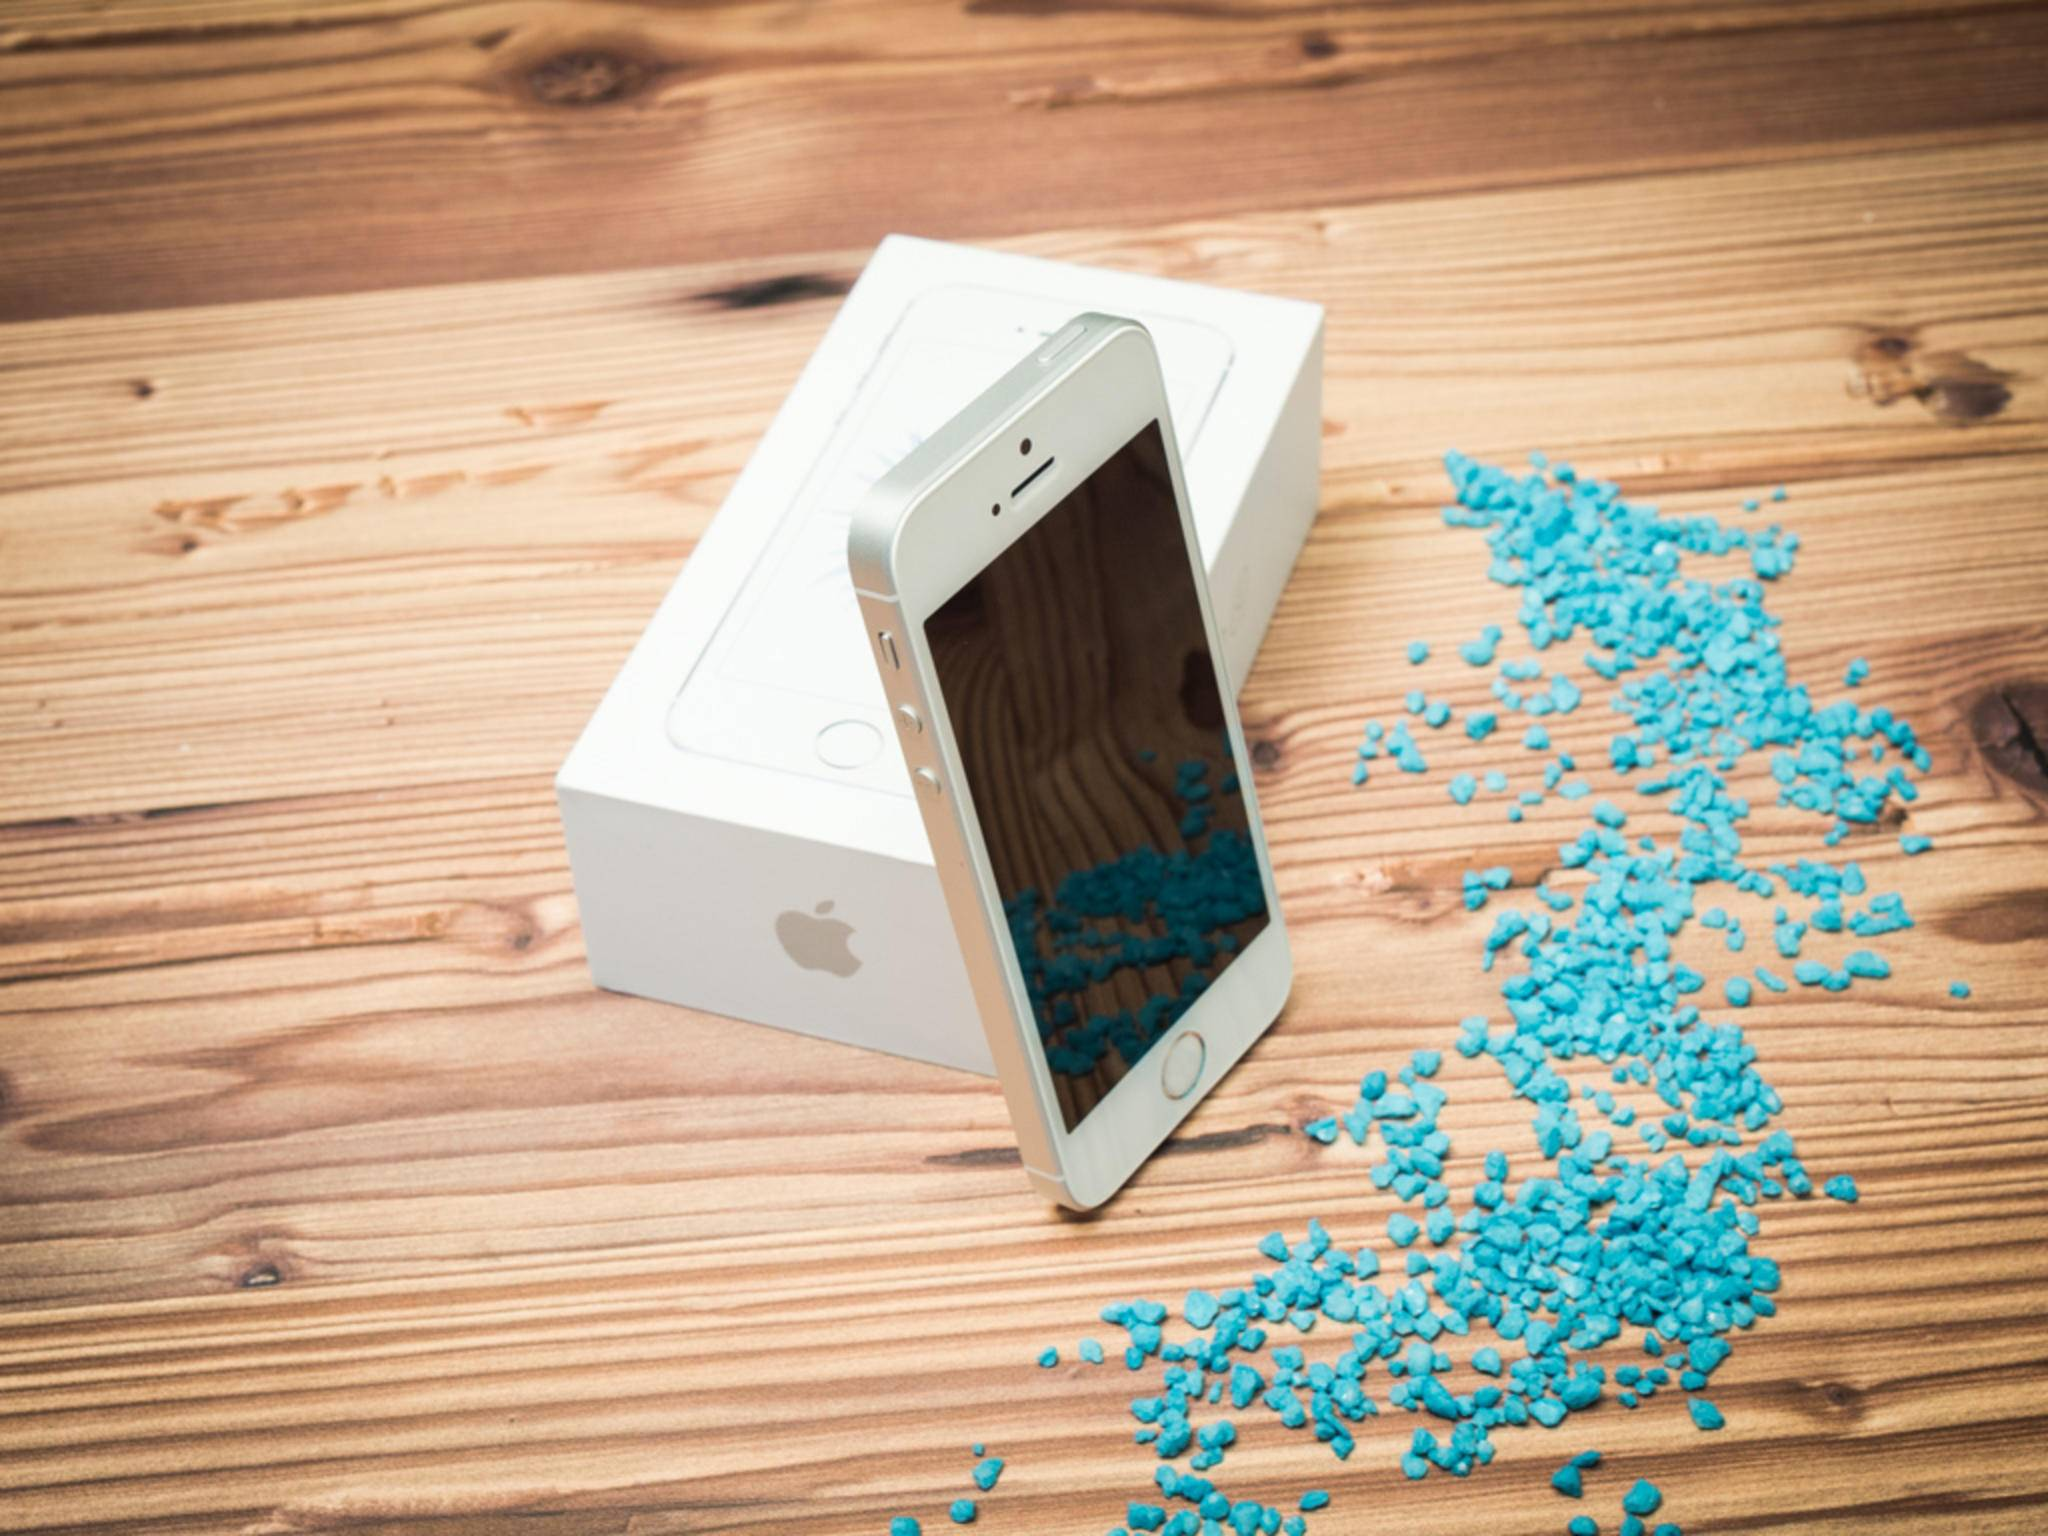 Wird das iPhone SE im Jahr 2017 durch ein iPhone 7s ersetzt?